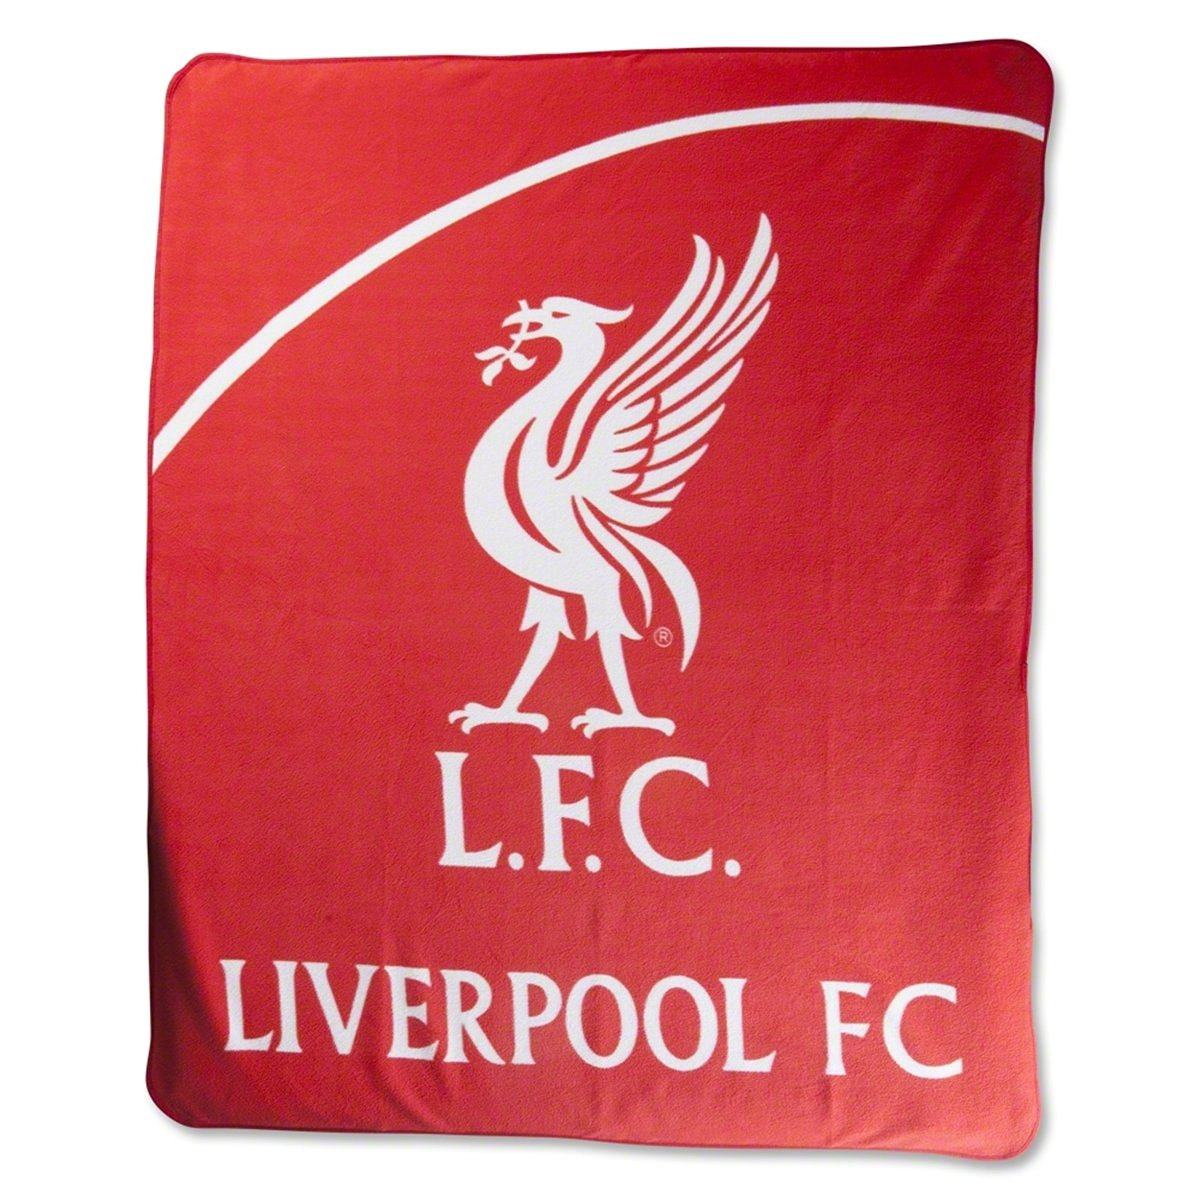 Liverpool FC - Official Crest Blanket BL